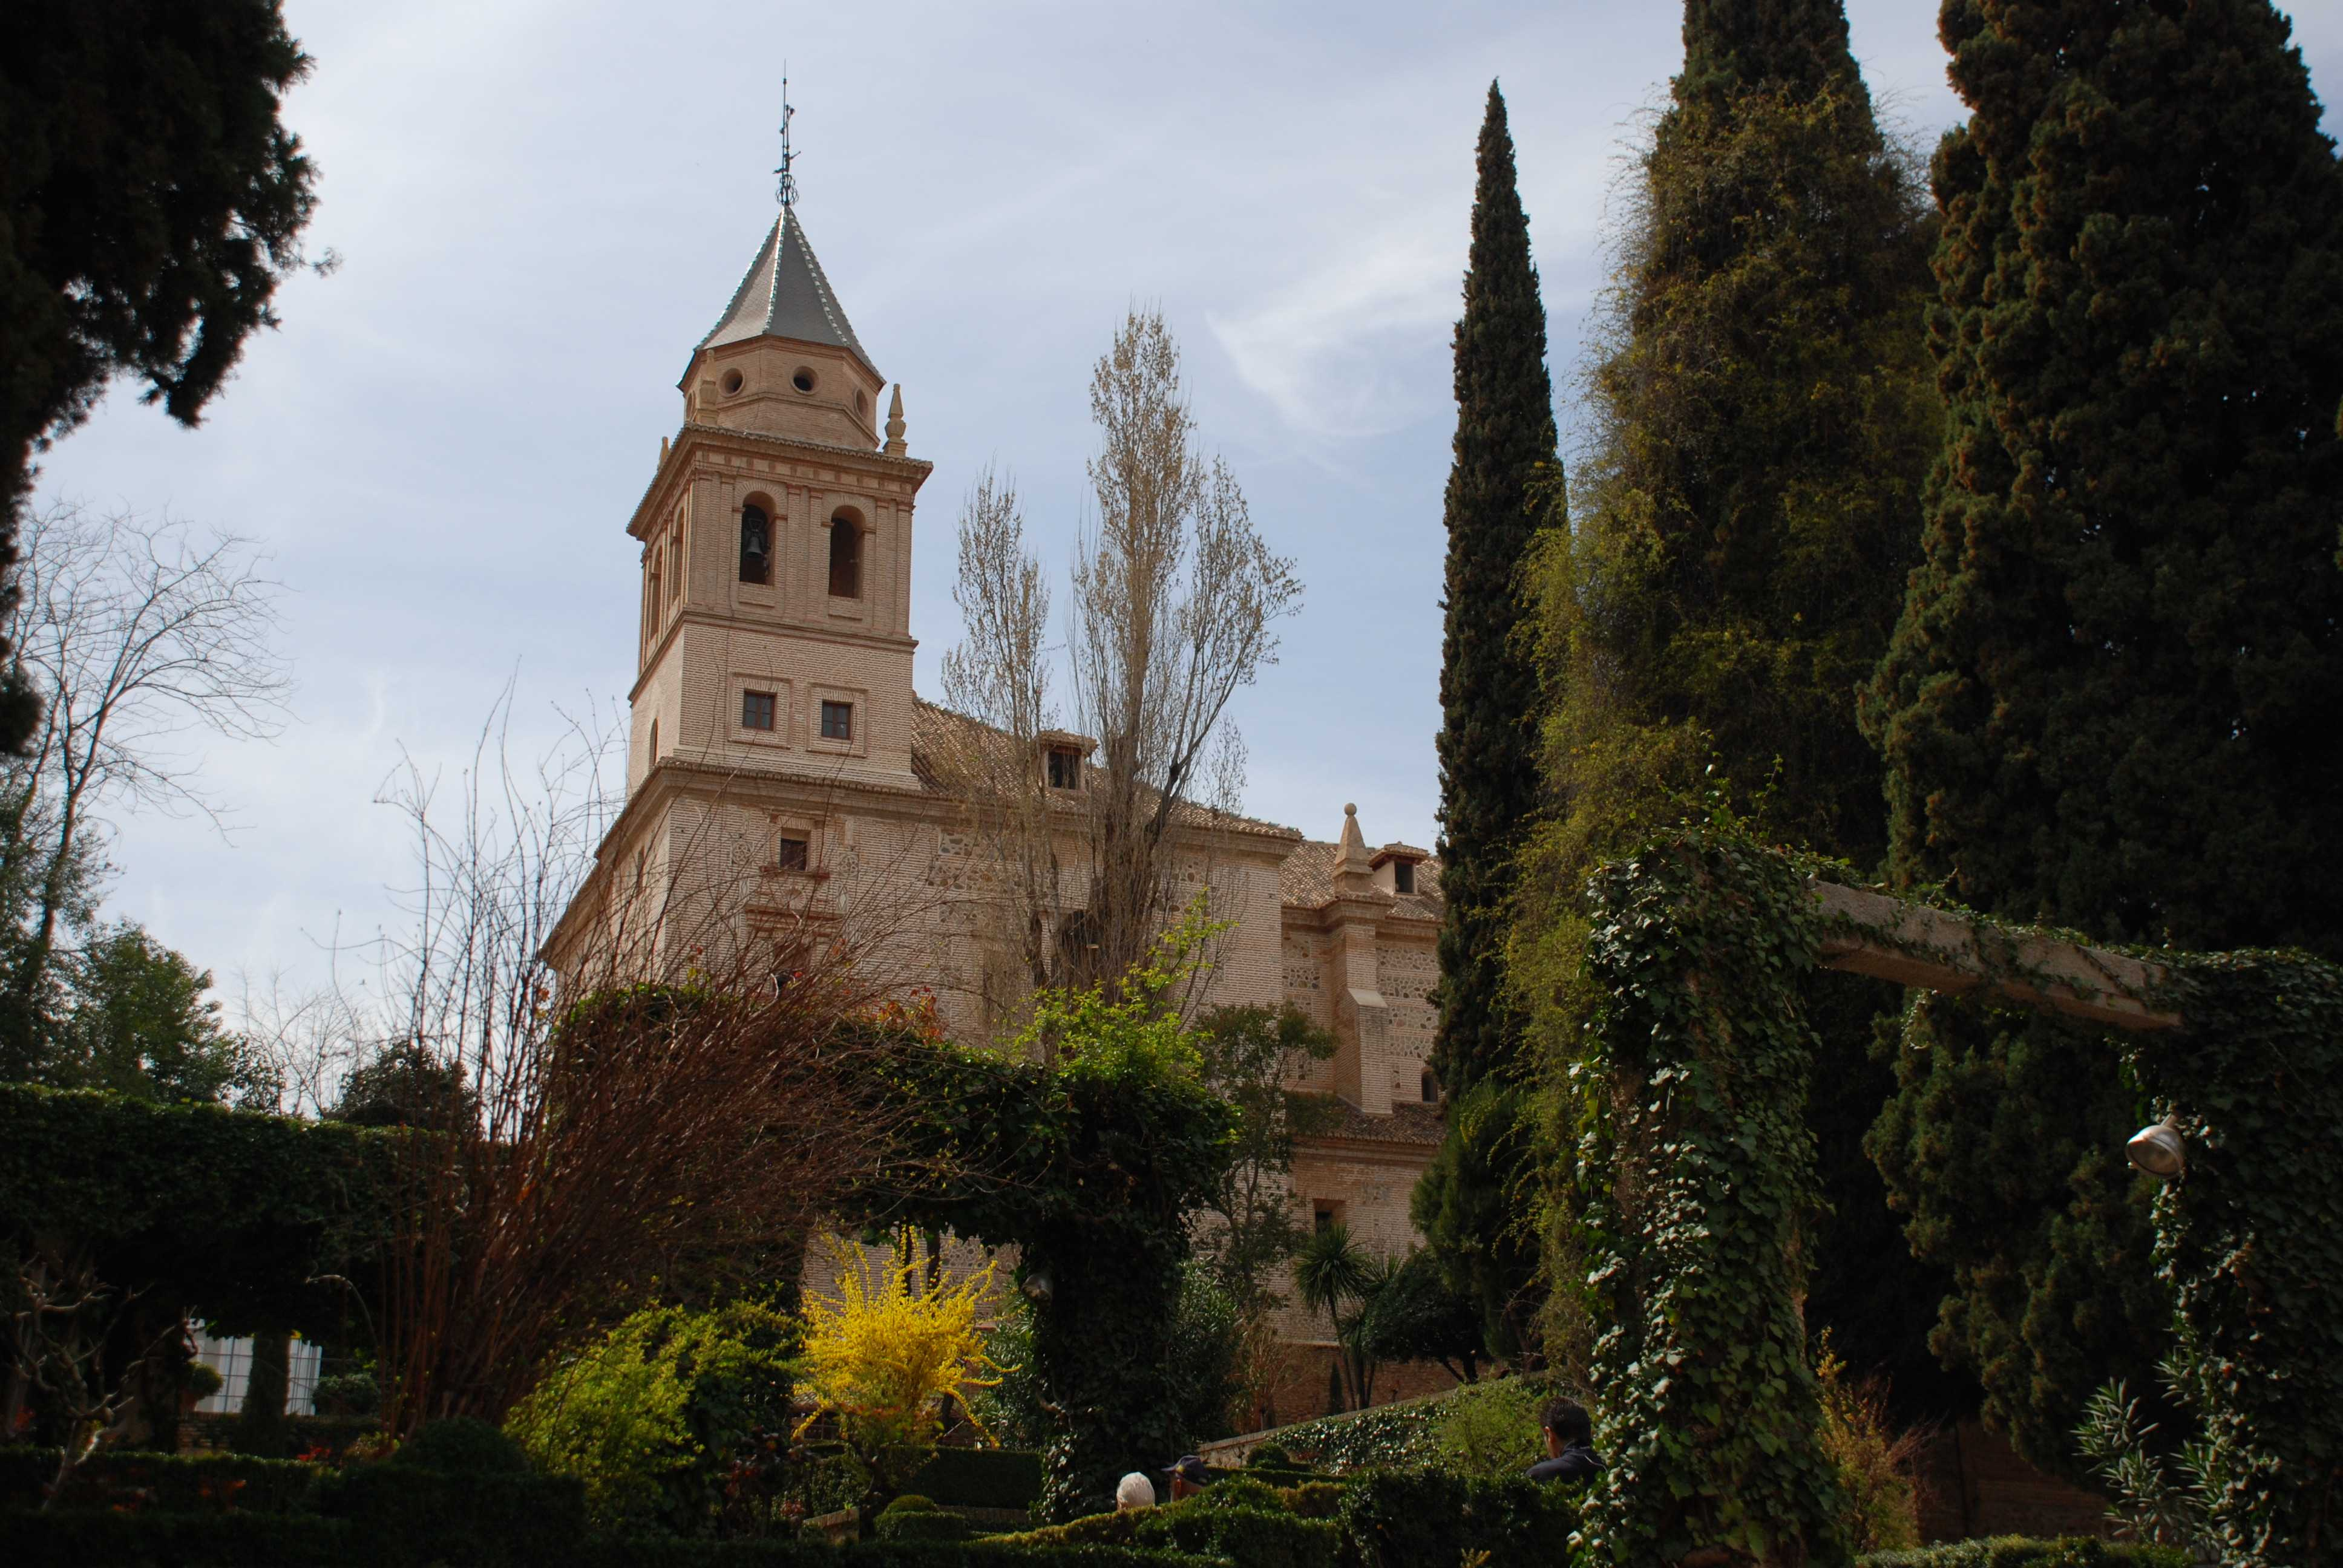 Granada Muçulmana - Alhambra e Banhos Árabes | Tour Regular de Meio Dia